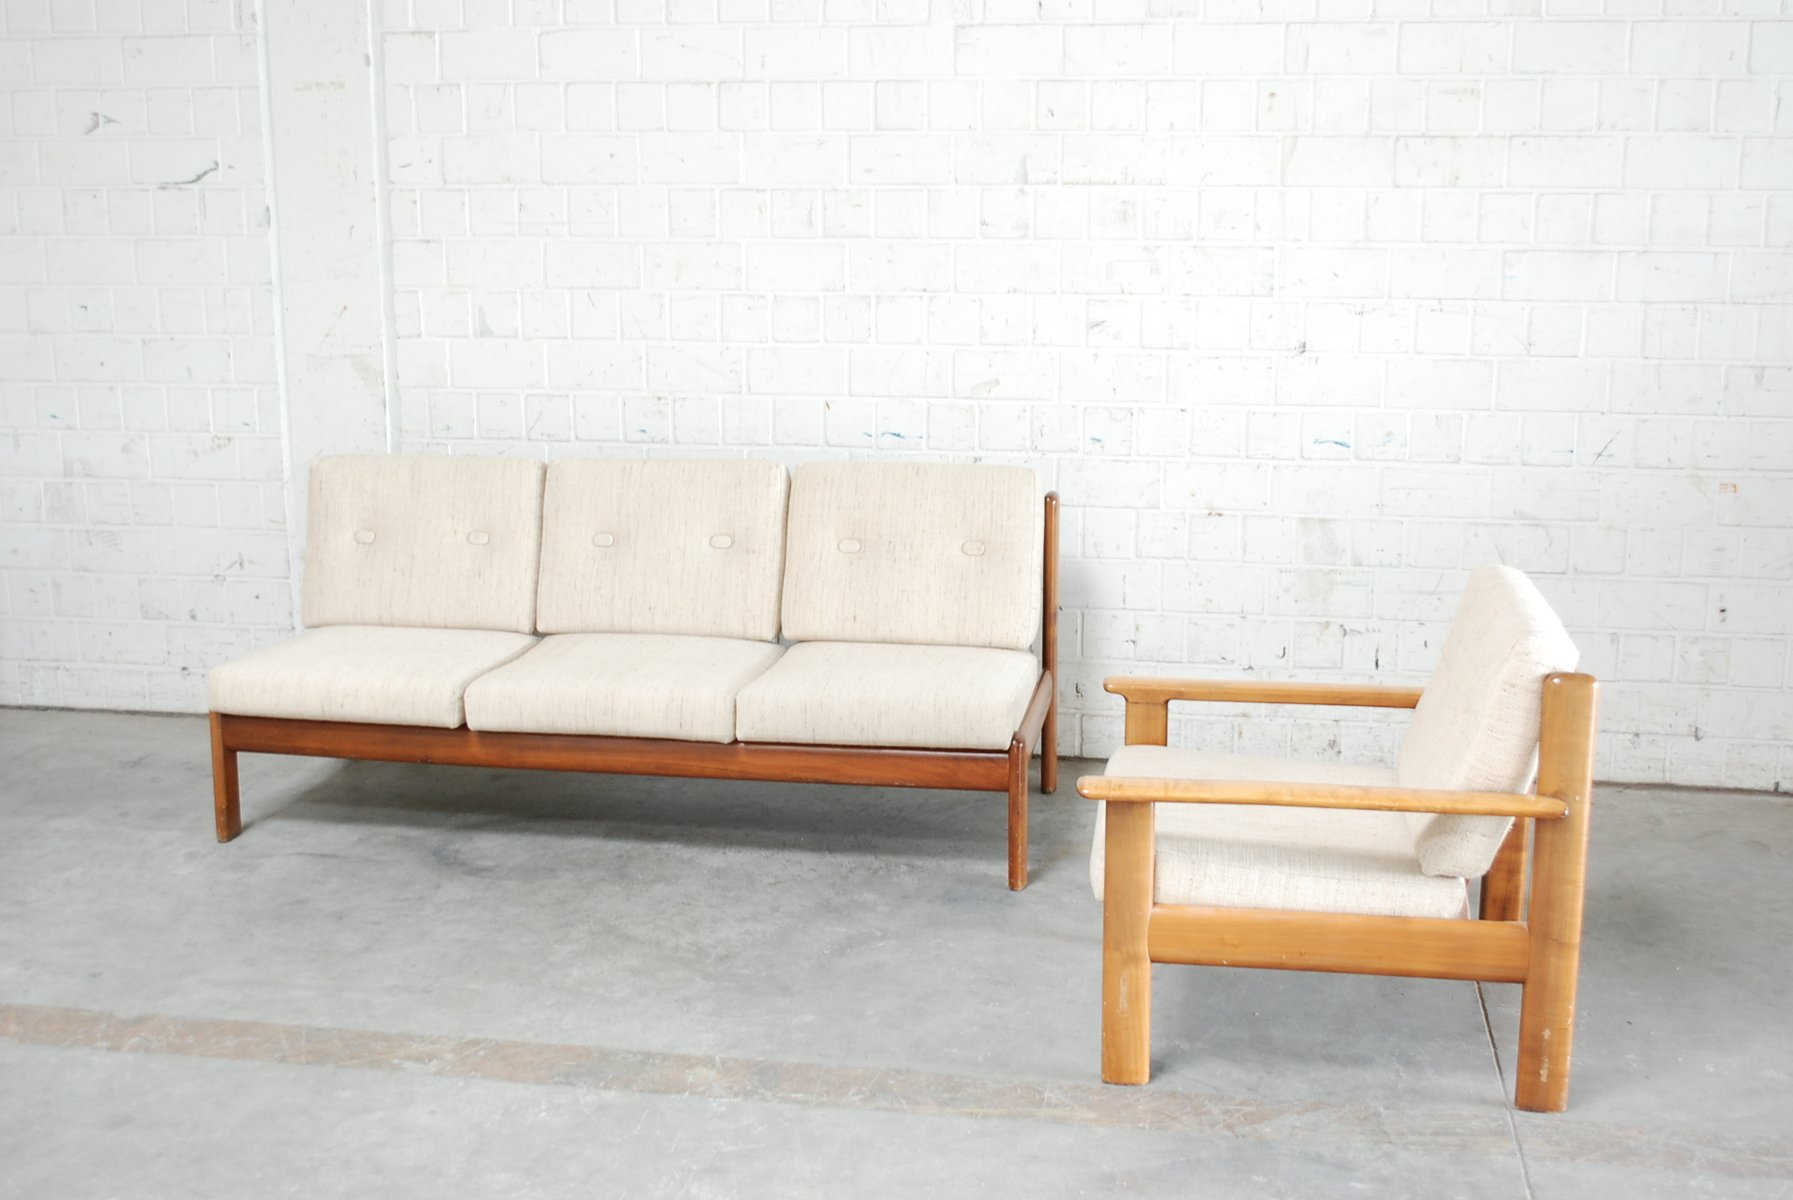 Bezaubernd Couchgarnitur Mit Sessel Sammlung Von Danisches Vintage Kirschholz Sofa Von Knoll Bei